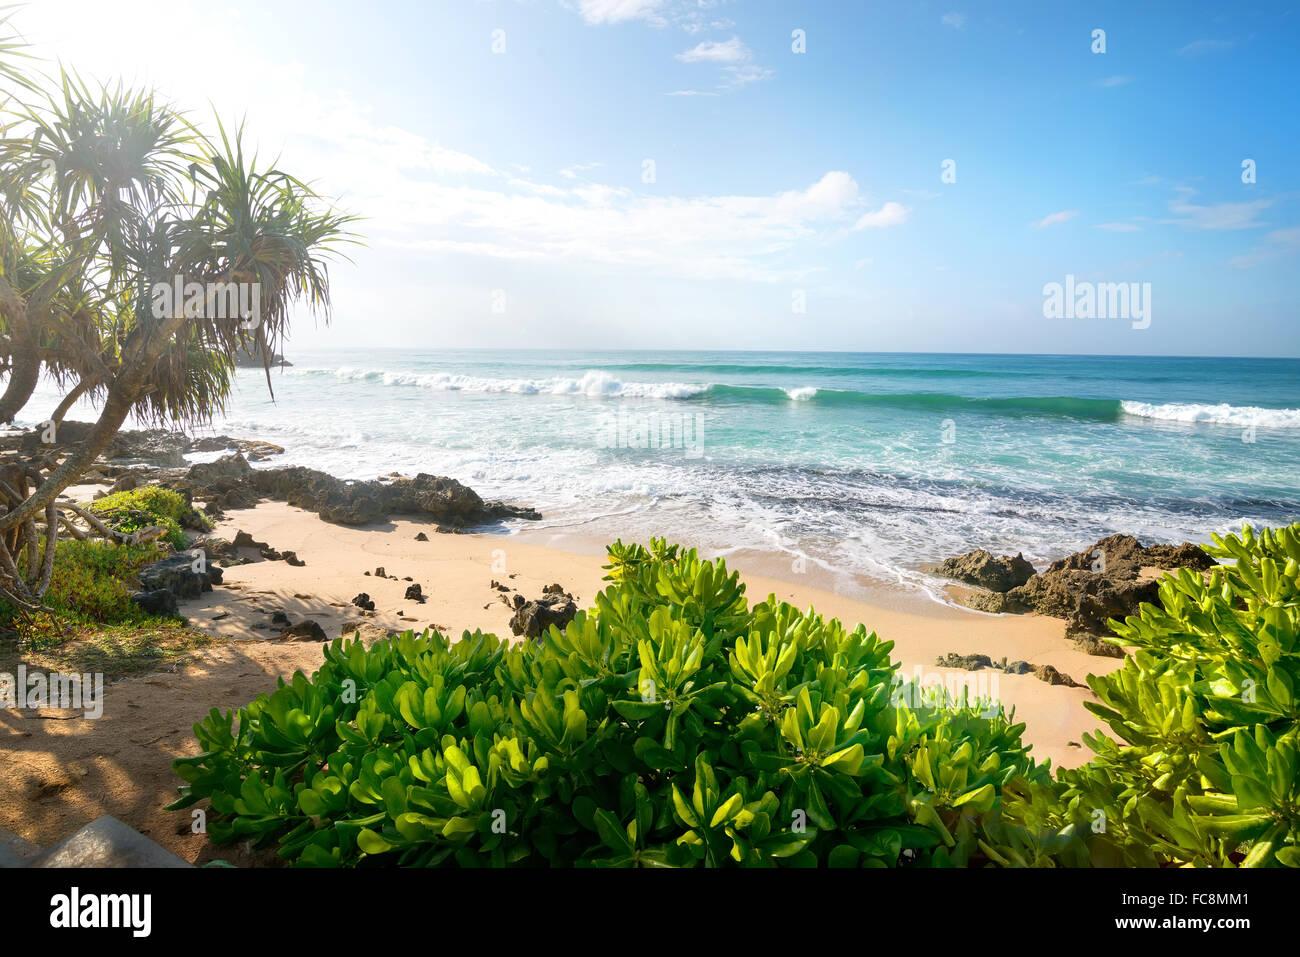 Piante esotiche su di una spiaggia di sabbia di Oceano indiano Immagini Stock